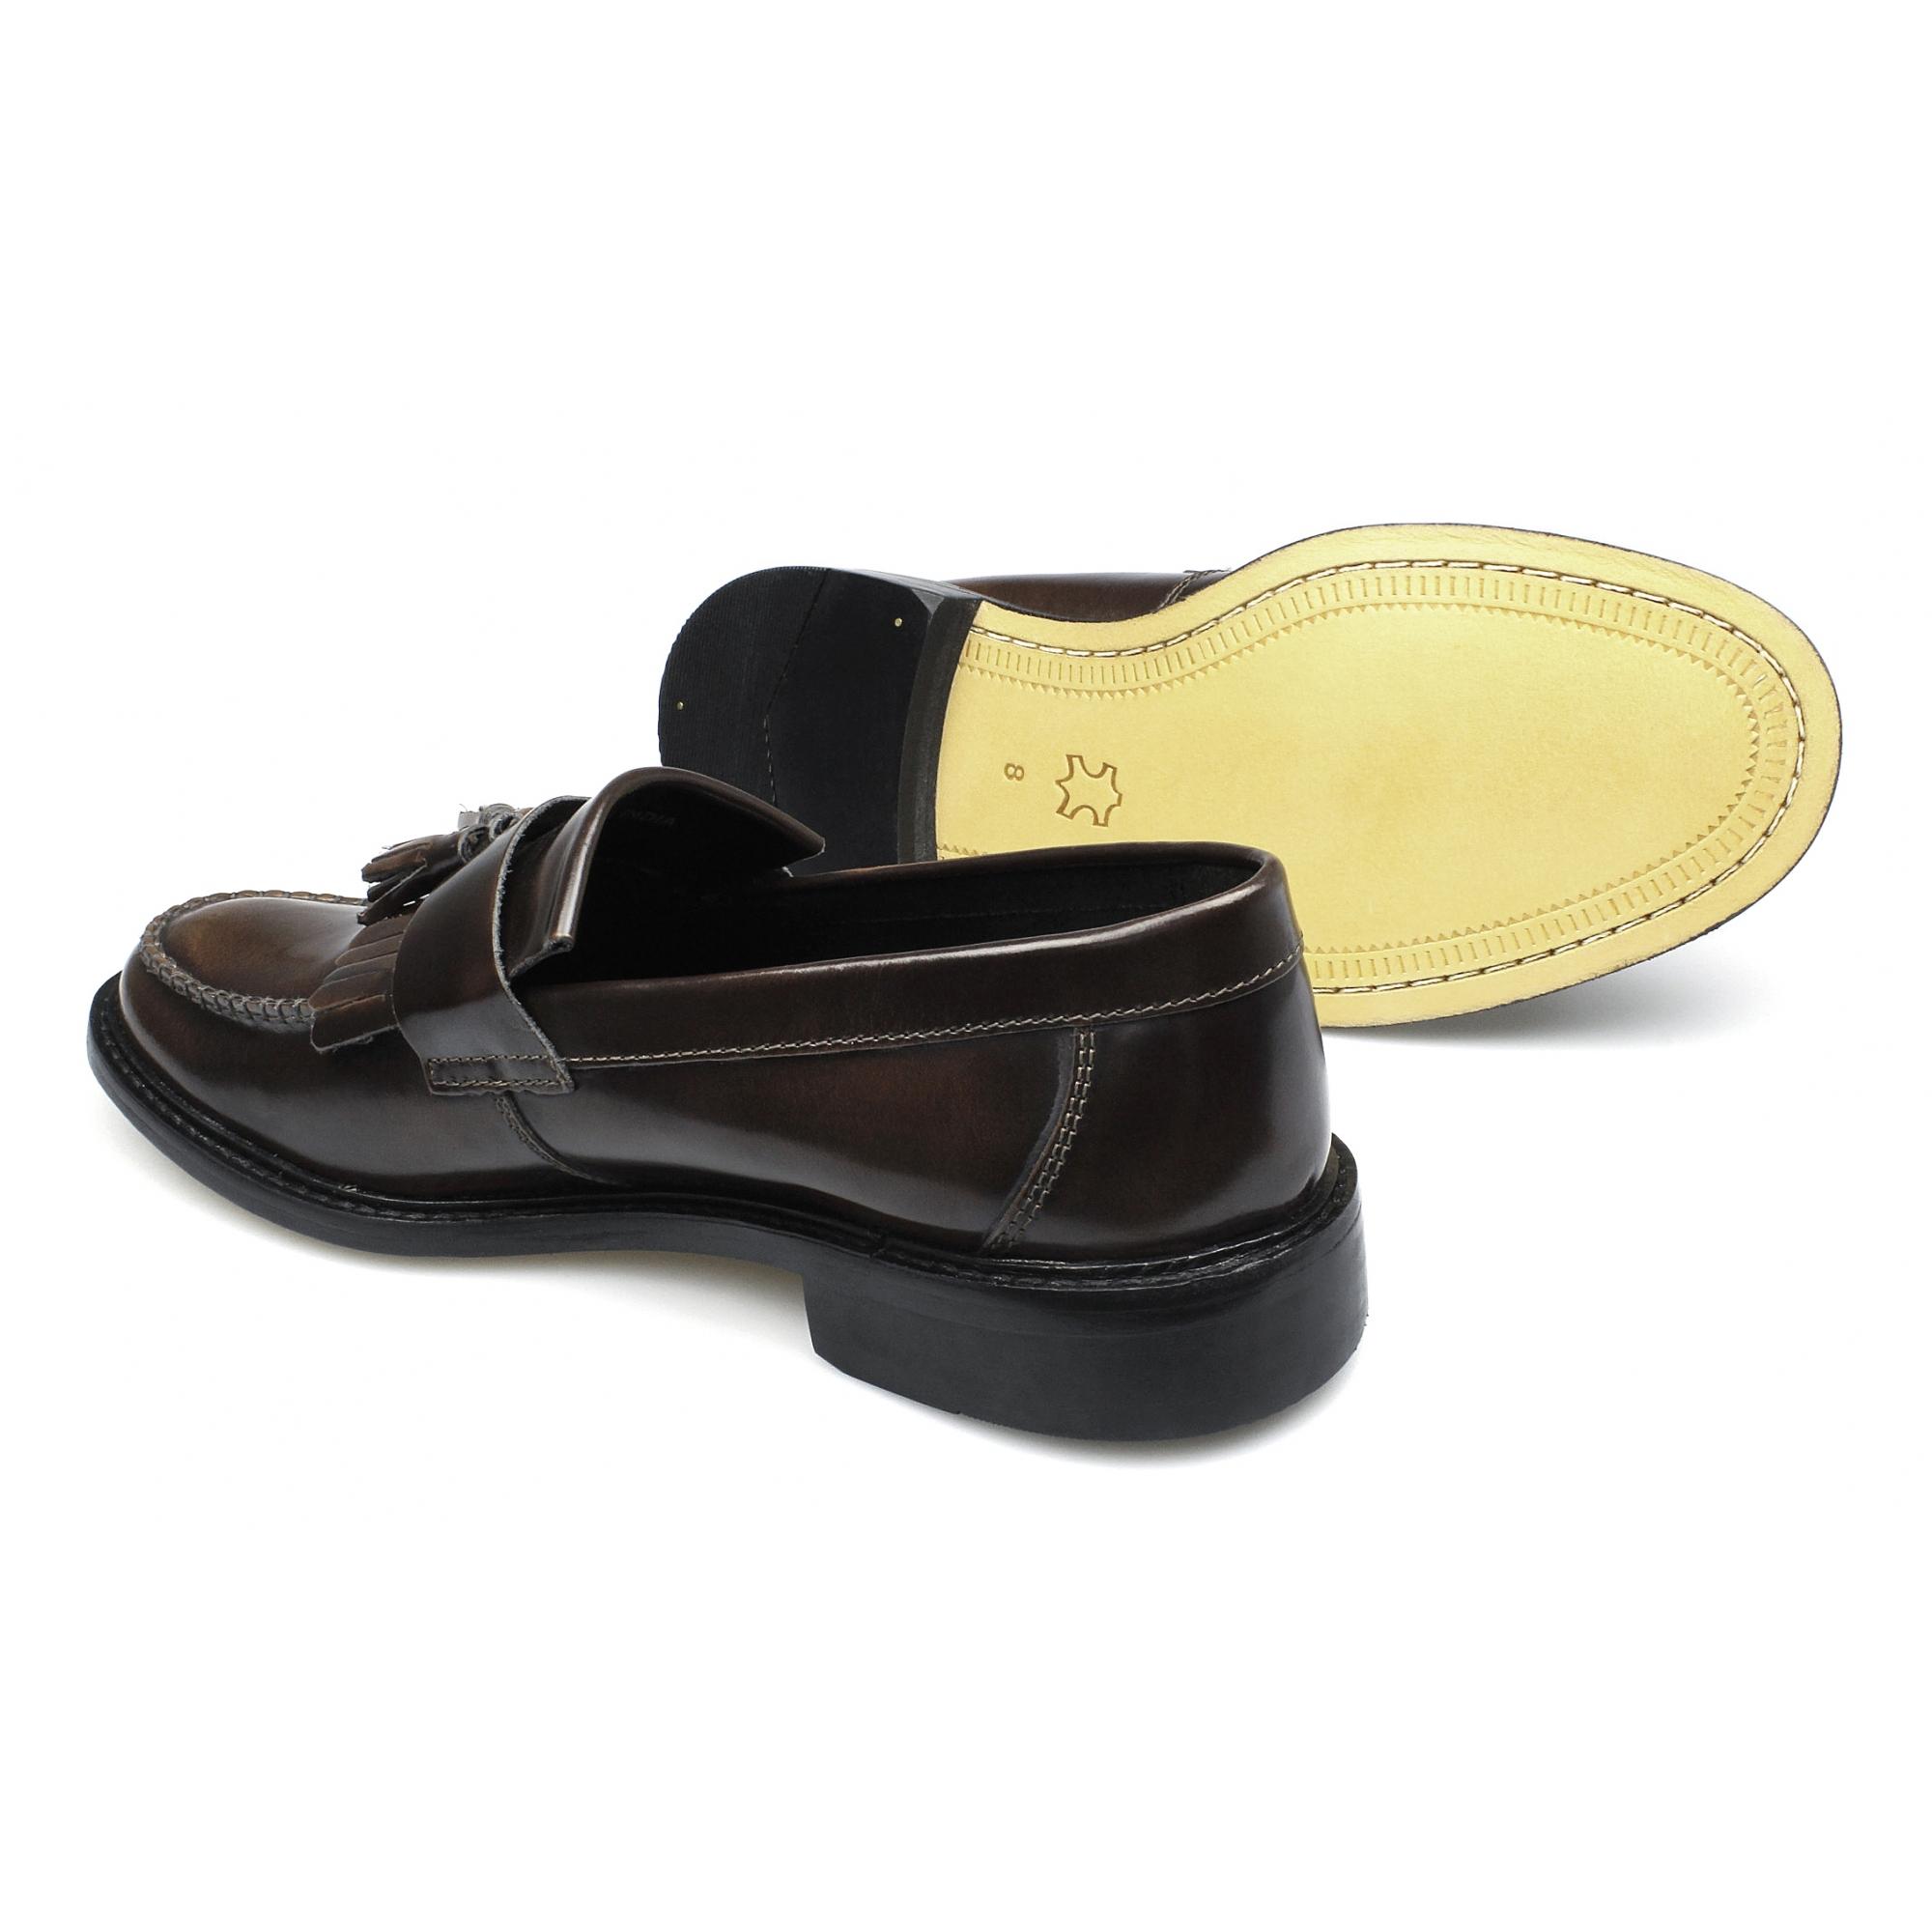 shuperb scooter mens polished leather slip on moccasin